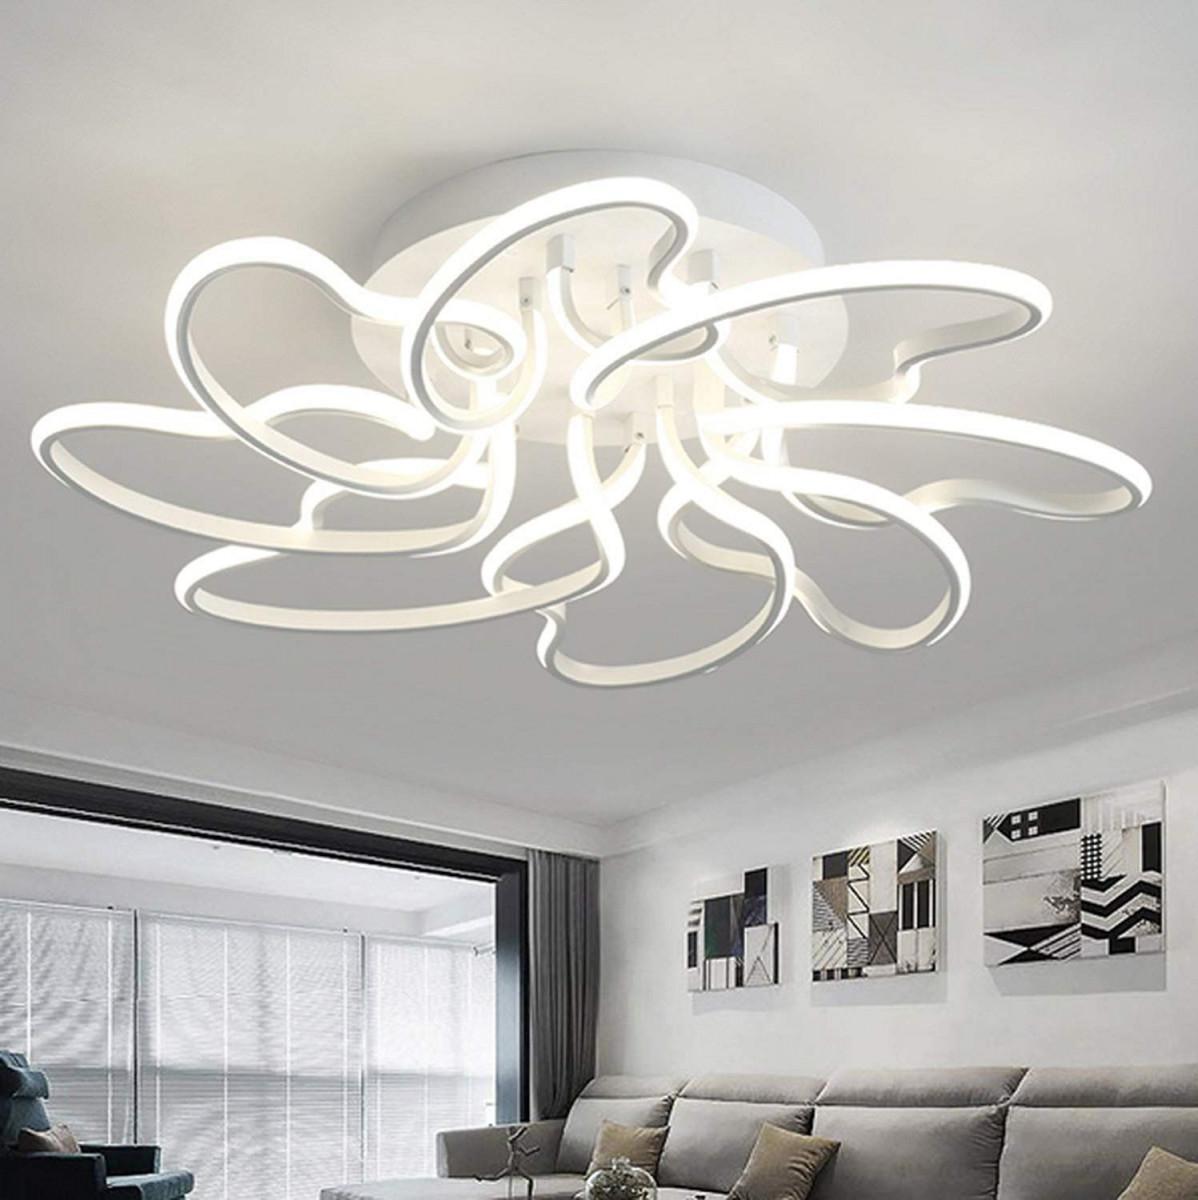 Moderne Deckenleuchten Für Wohnzimmer Arbeitszimmer von Deckenlampe Modern Wohnzimmer Photo